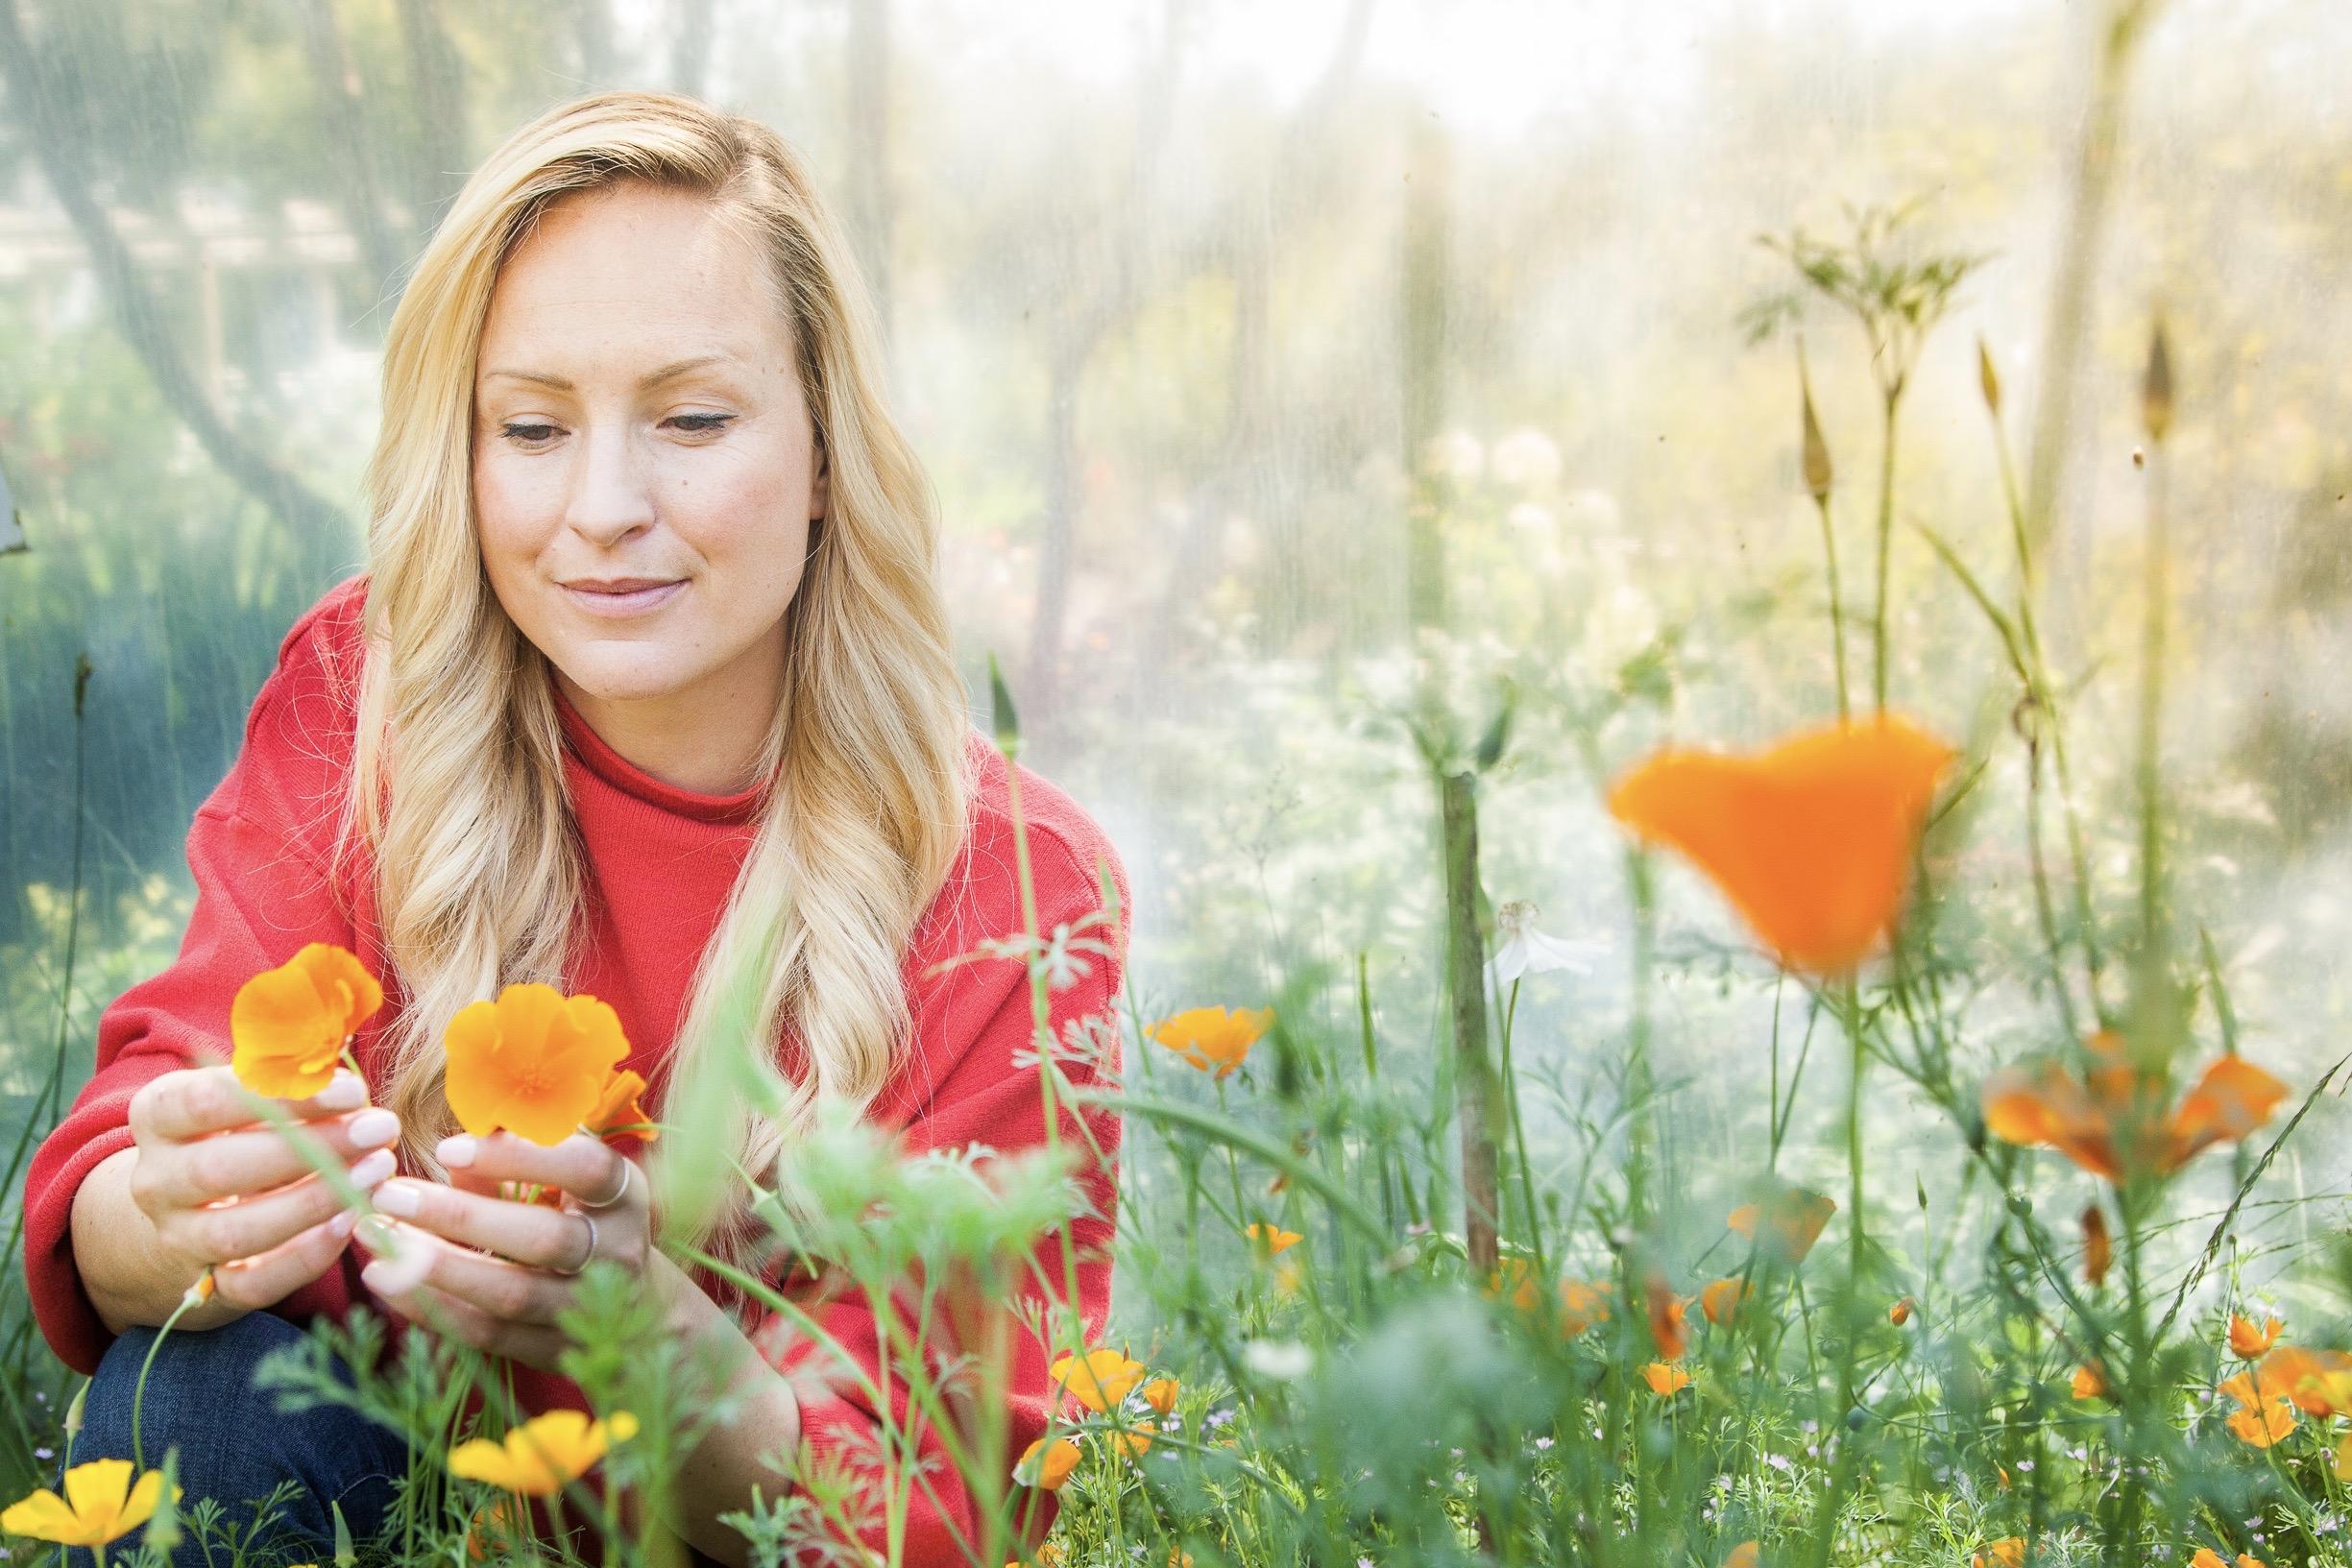 garden designer Leonie Cornelius in a poytunnell pocking some Californian poppies